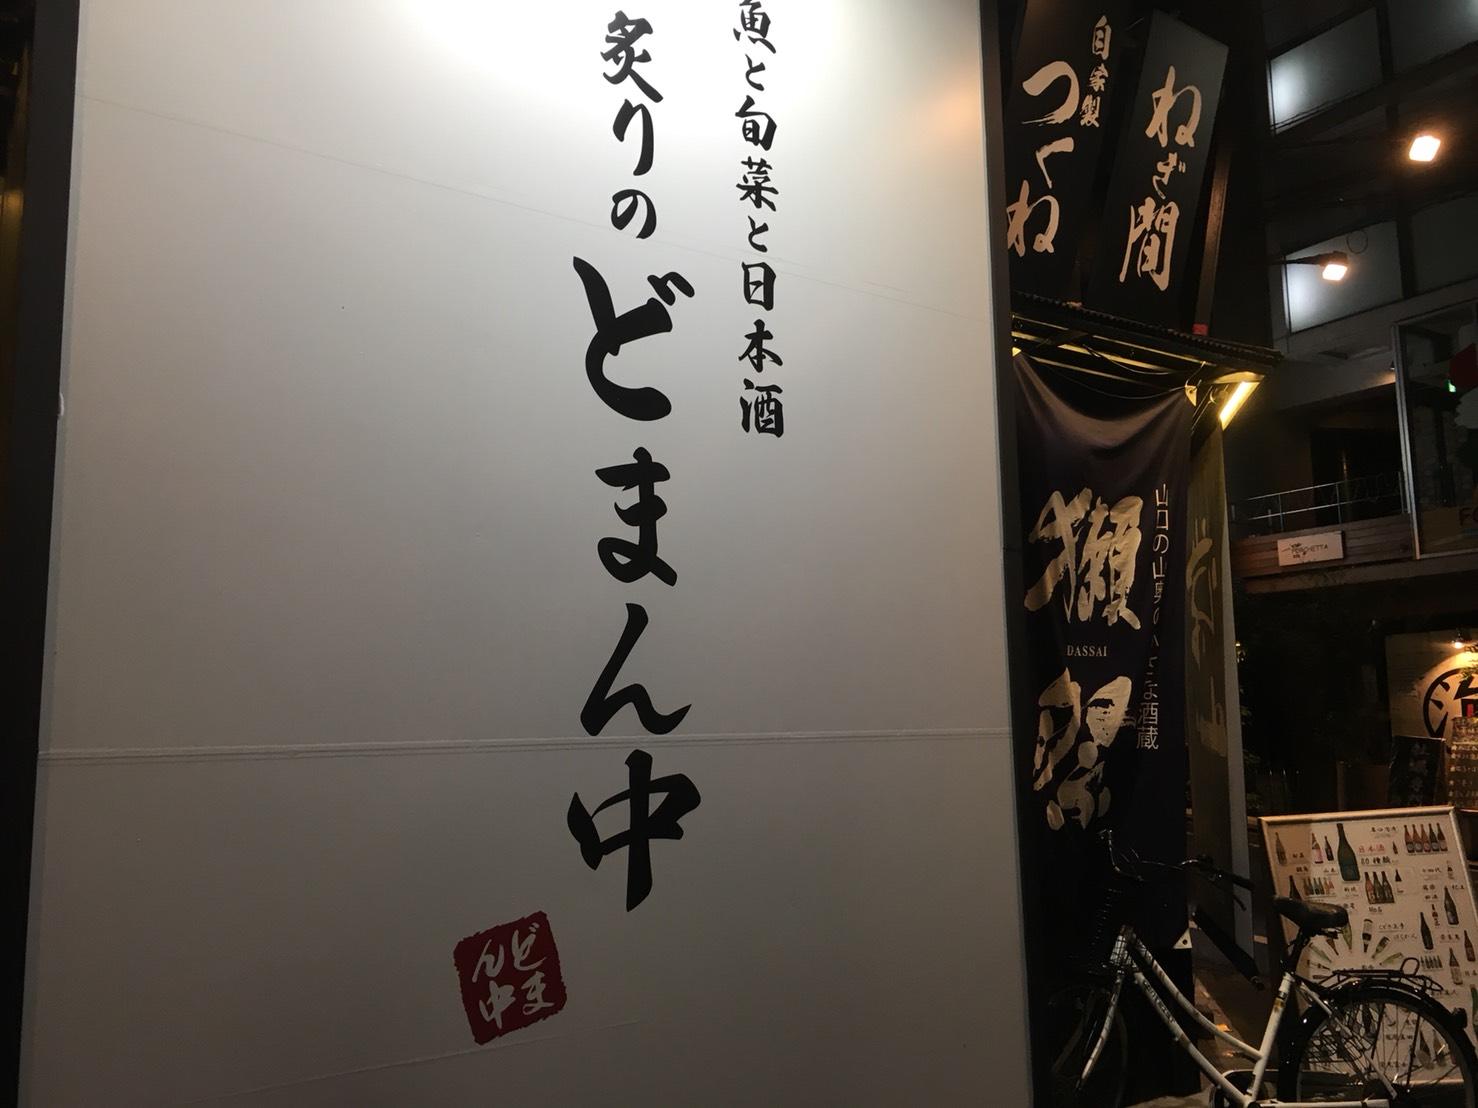 【高田馬場駅】最強のレモンサワーでノックアウト「炙りのどまん中」の外観